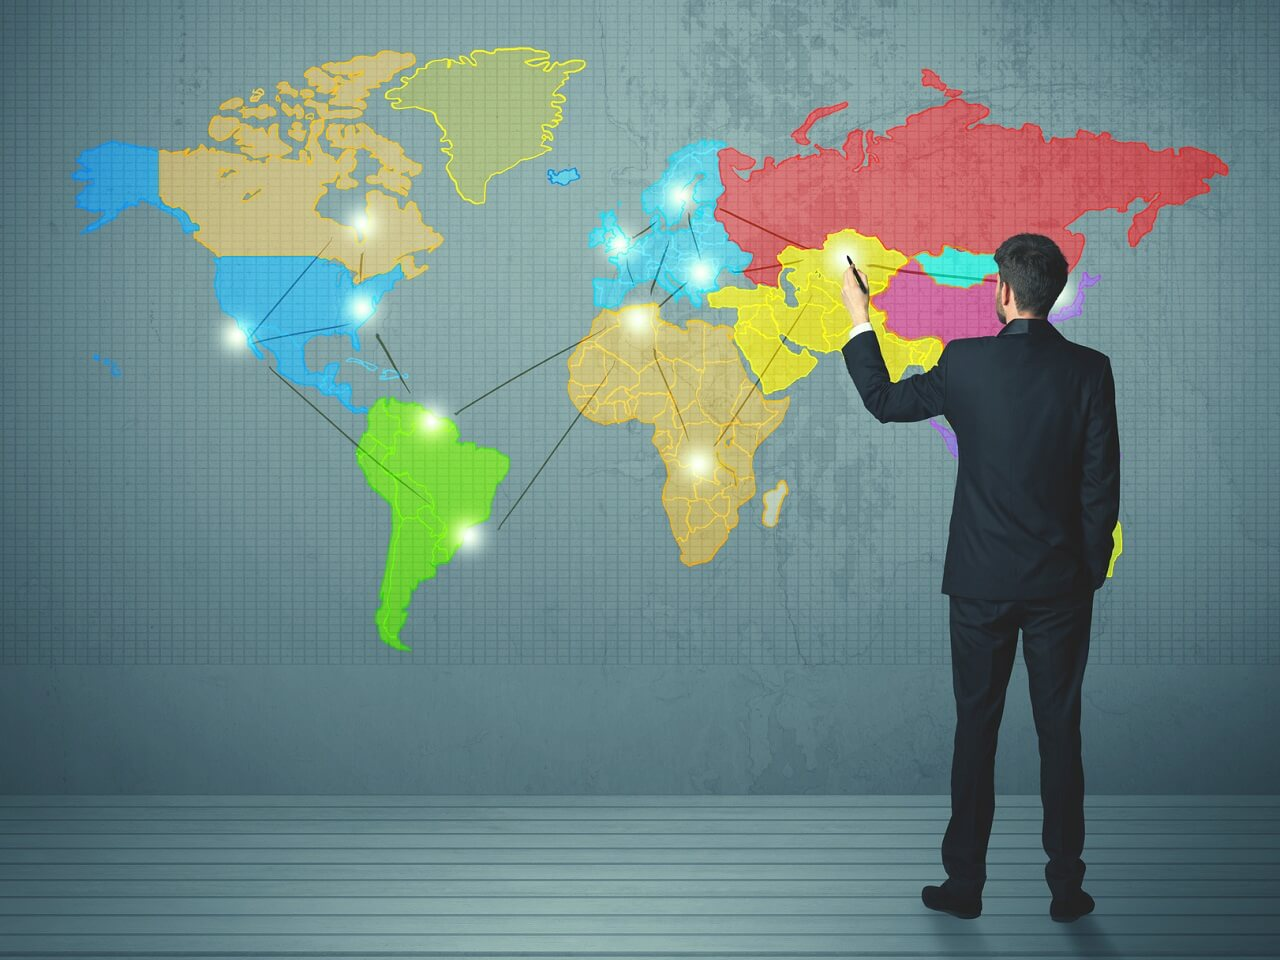 Firma Türü ve Girişim Özelliklerine Göre Dış Ticaret Raporu Yayımlandı